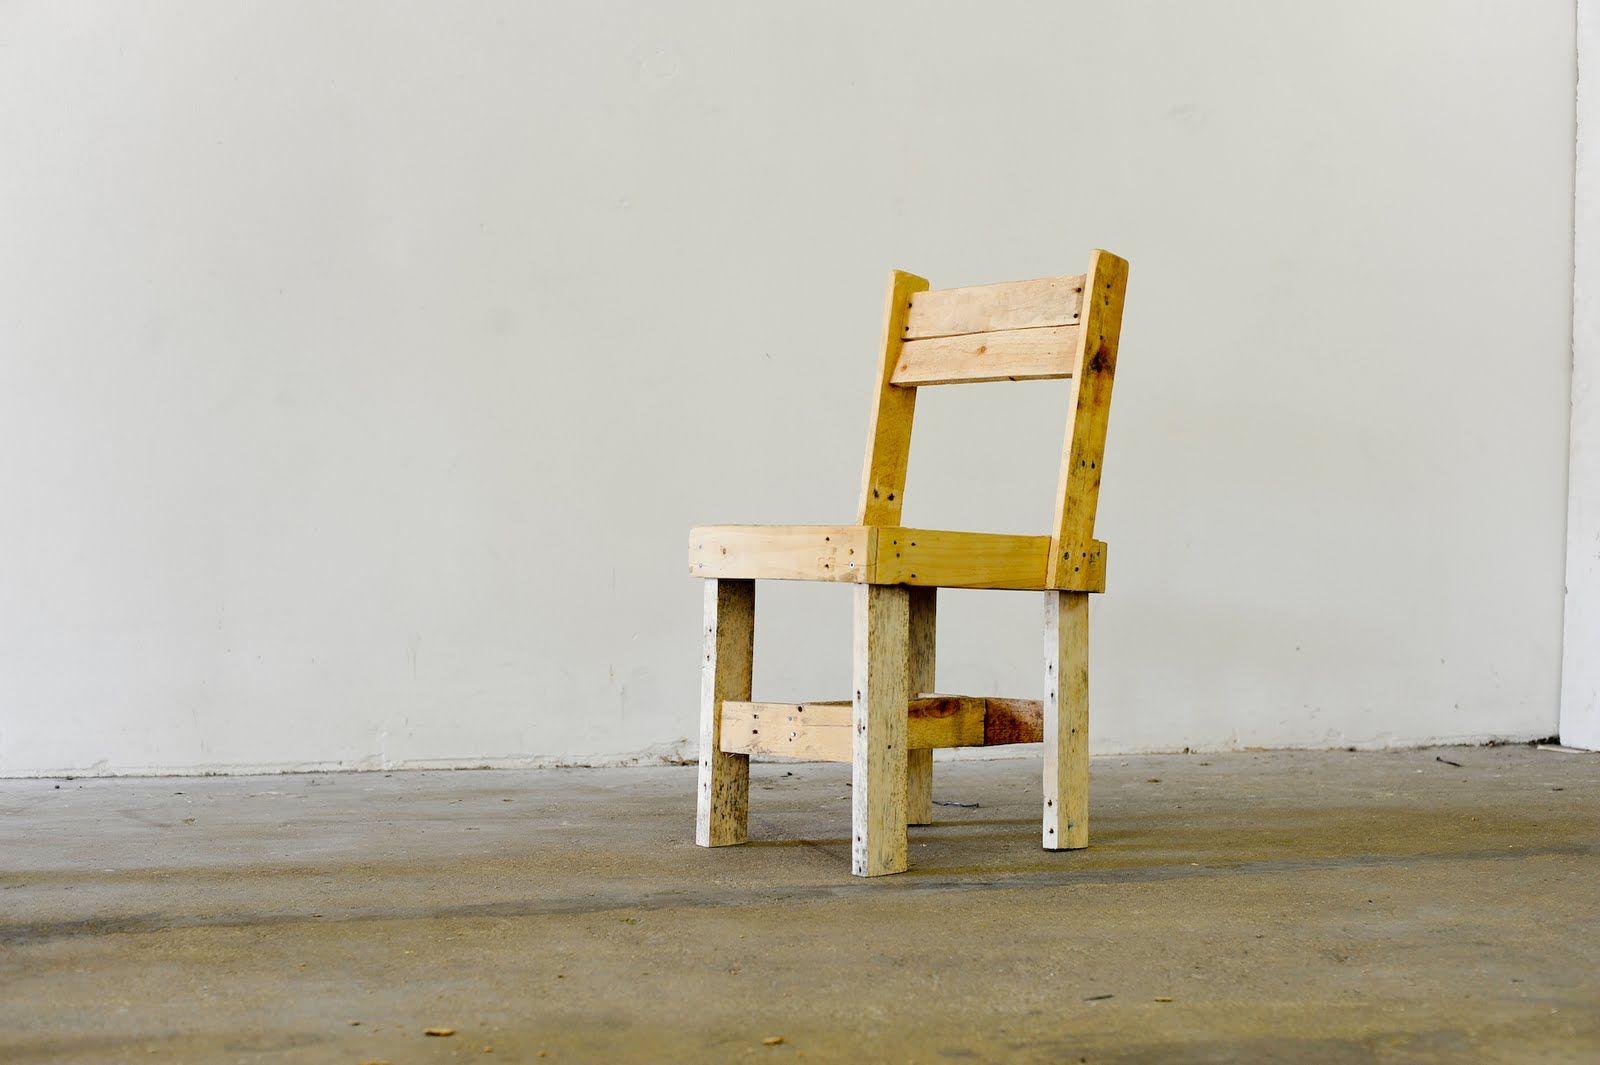 Desde londres con palets palets londres y sillas - Sillas hechas de palets ...